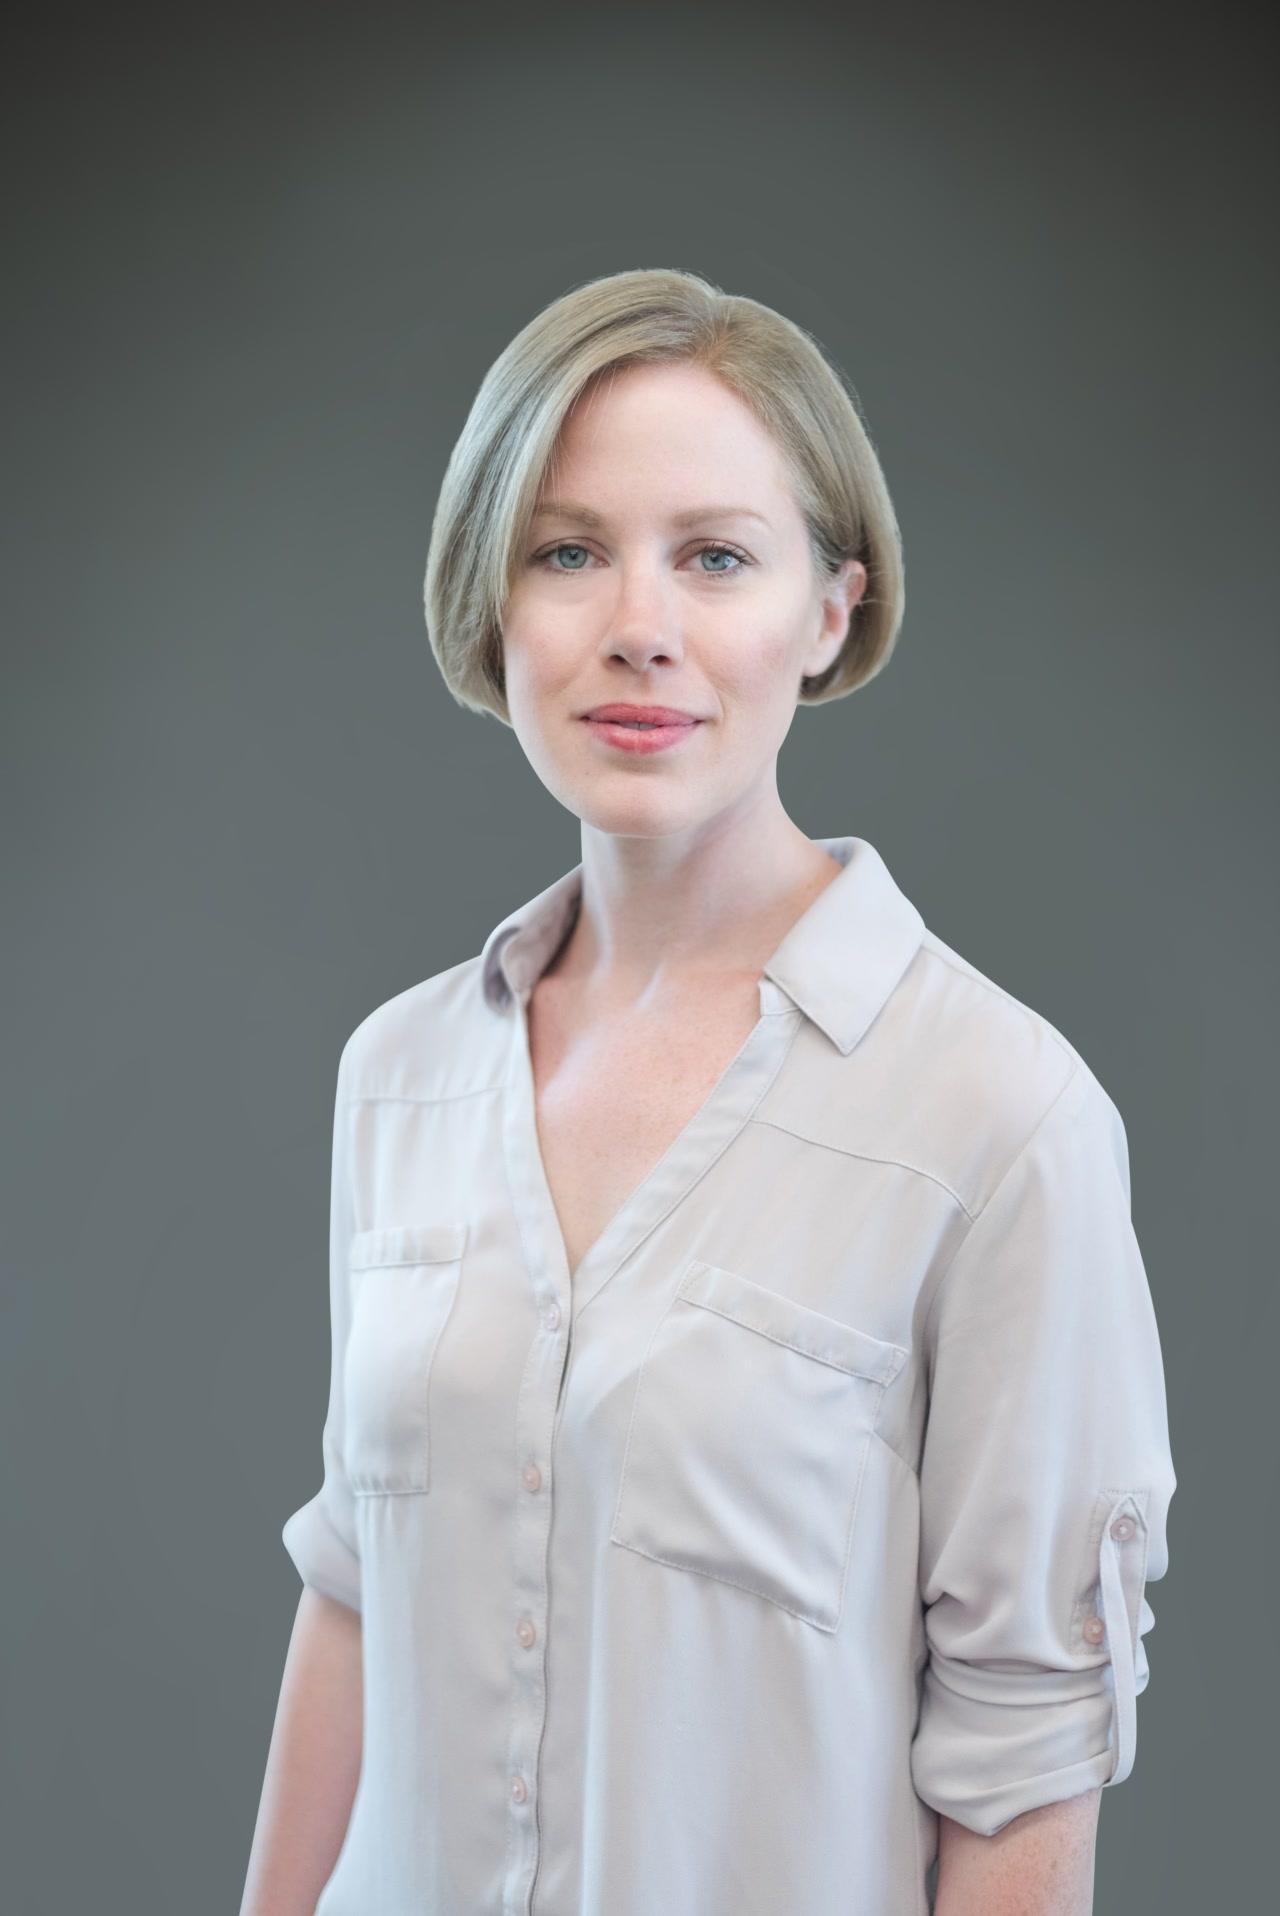 Megan Connelly portrait